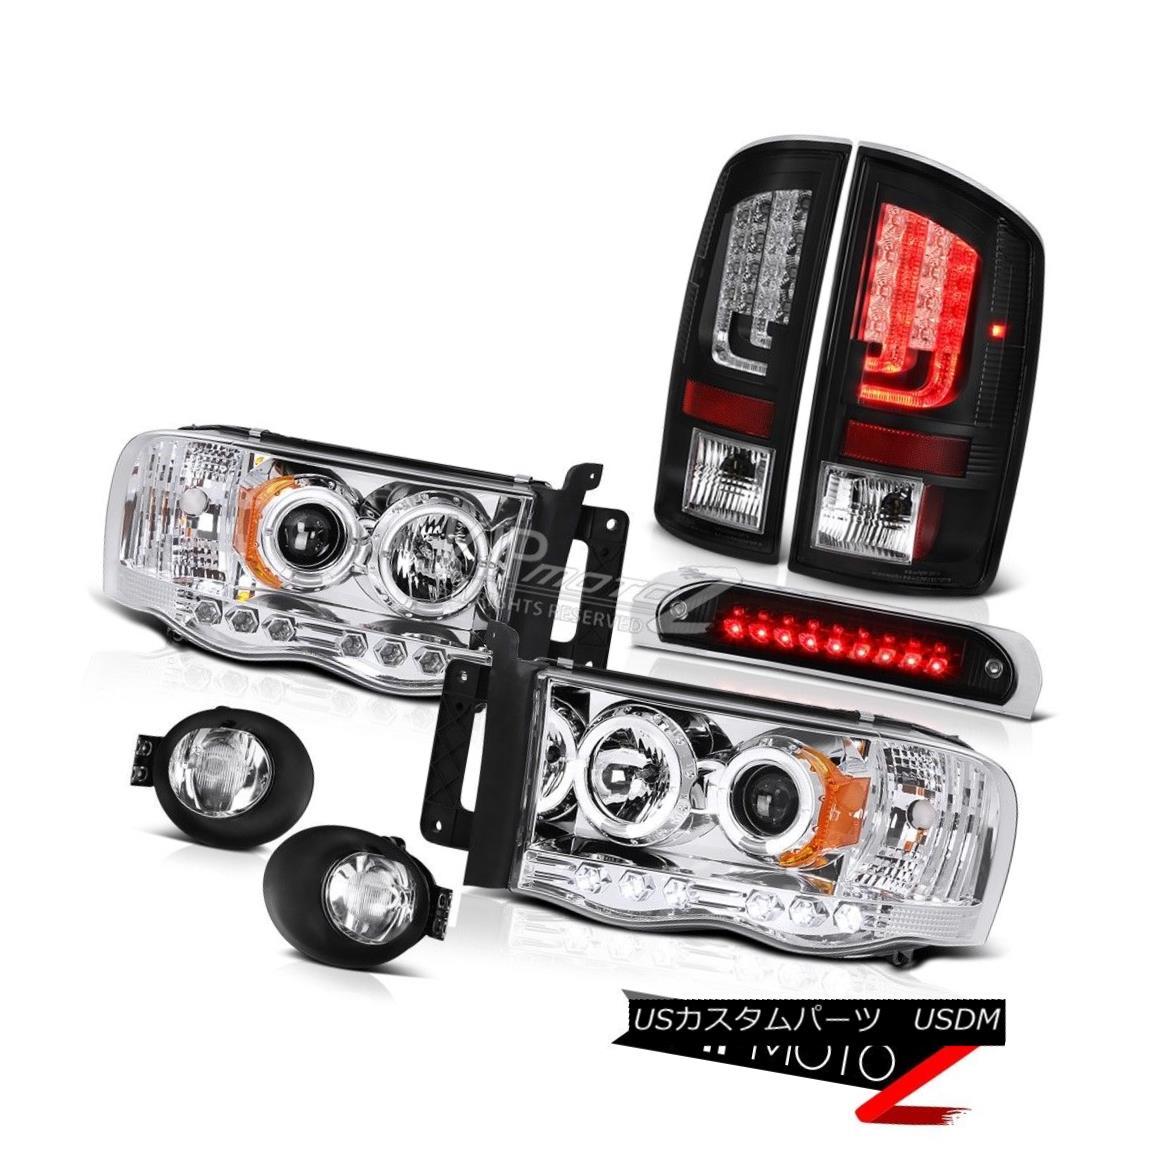 テールライト 2003-2005 Dodge Ram 2500 SLT Black Taillights Fog Lamps Roof Cab Lamp Headlamps 2003-2005ダッジ・ラム2500 SLTブラック・テールライトフォグ・ランプルーフキャブ・ランプヘッドランプ